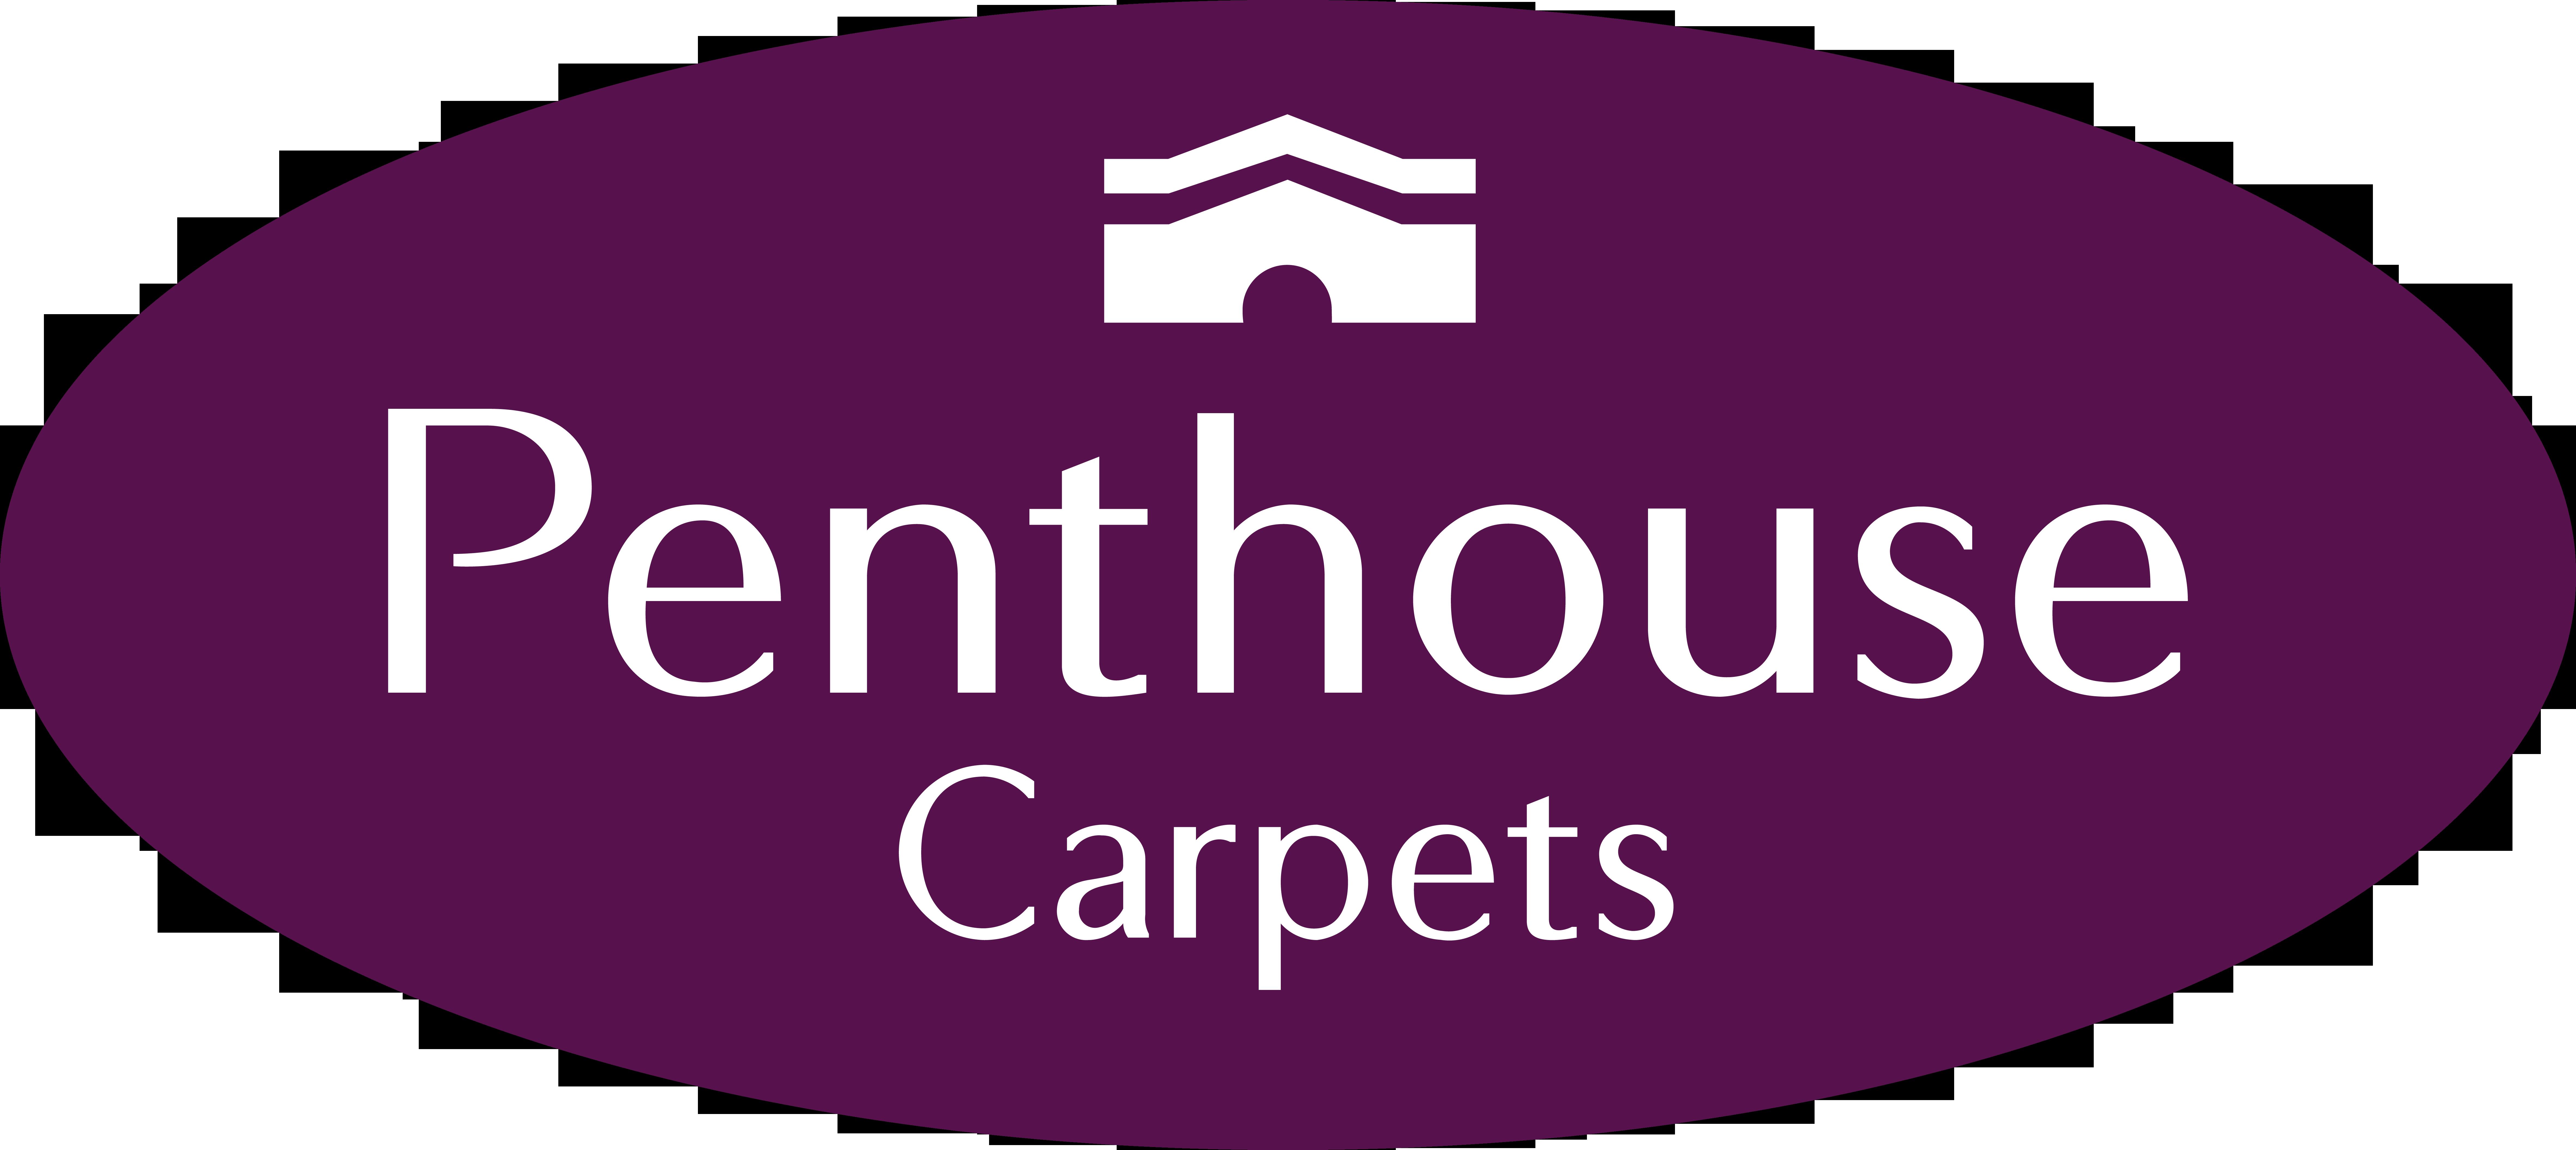 Penthouse Carpets Ltd